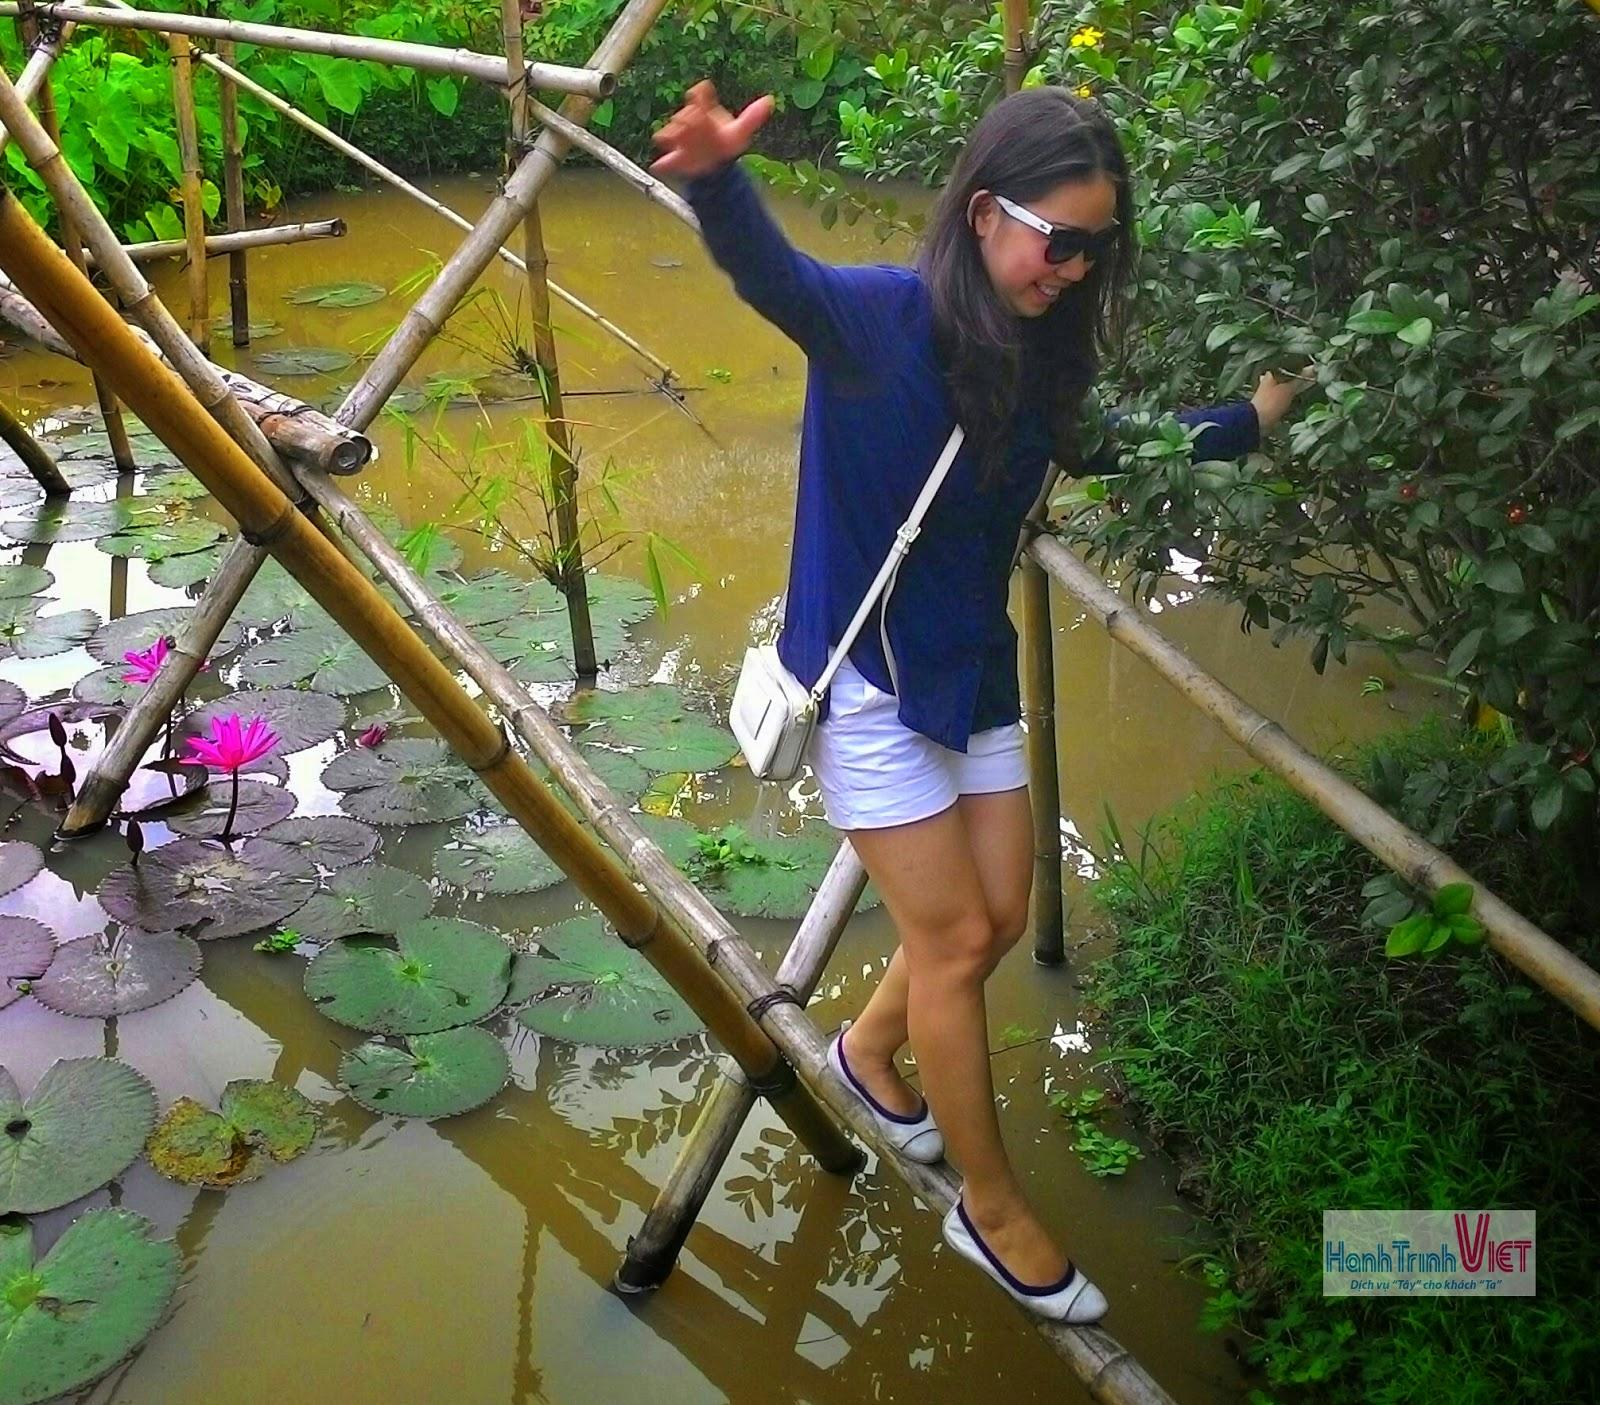 Du khách trải nghiệm đi cầu khỉ tại Cái Bè